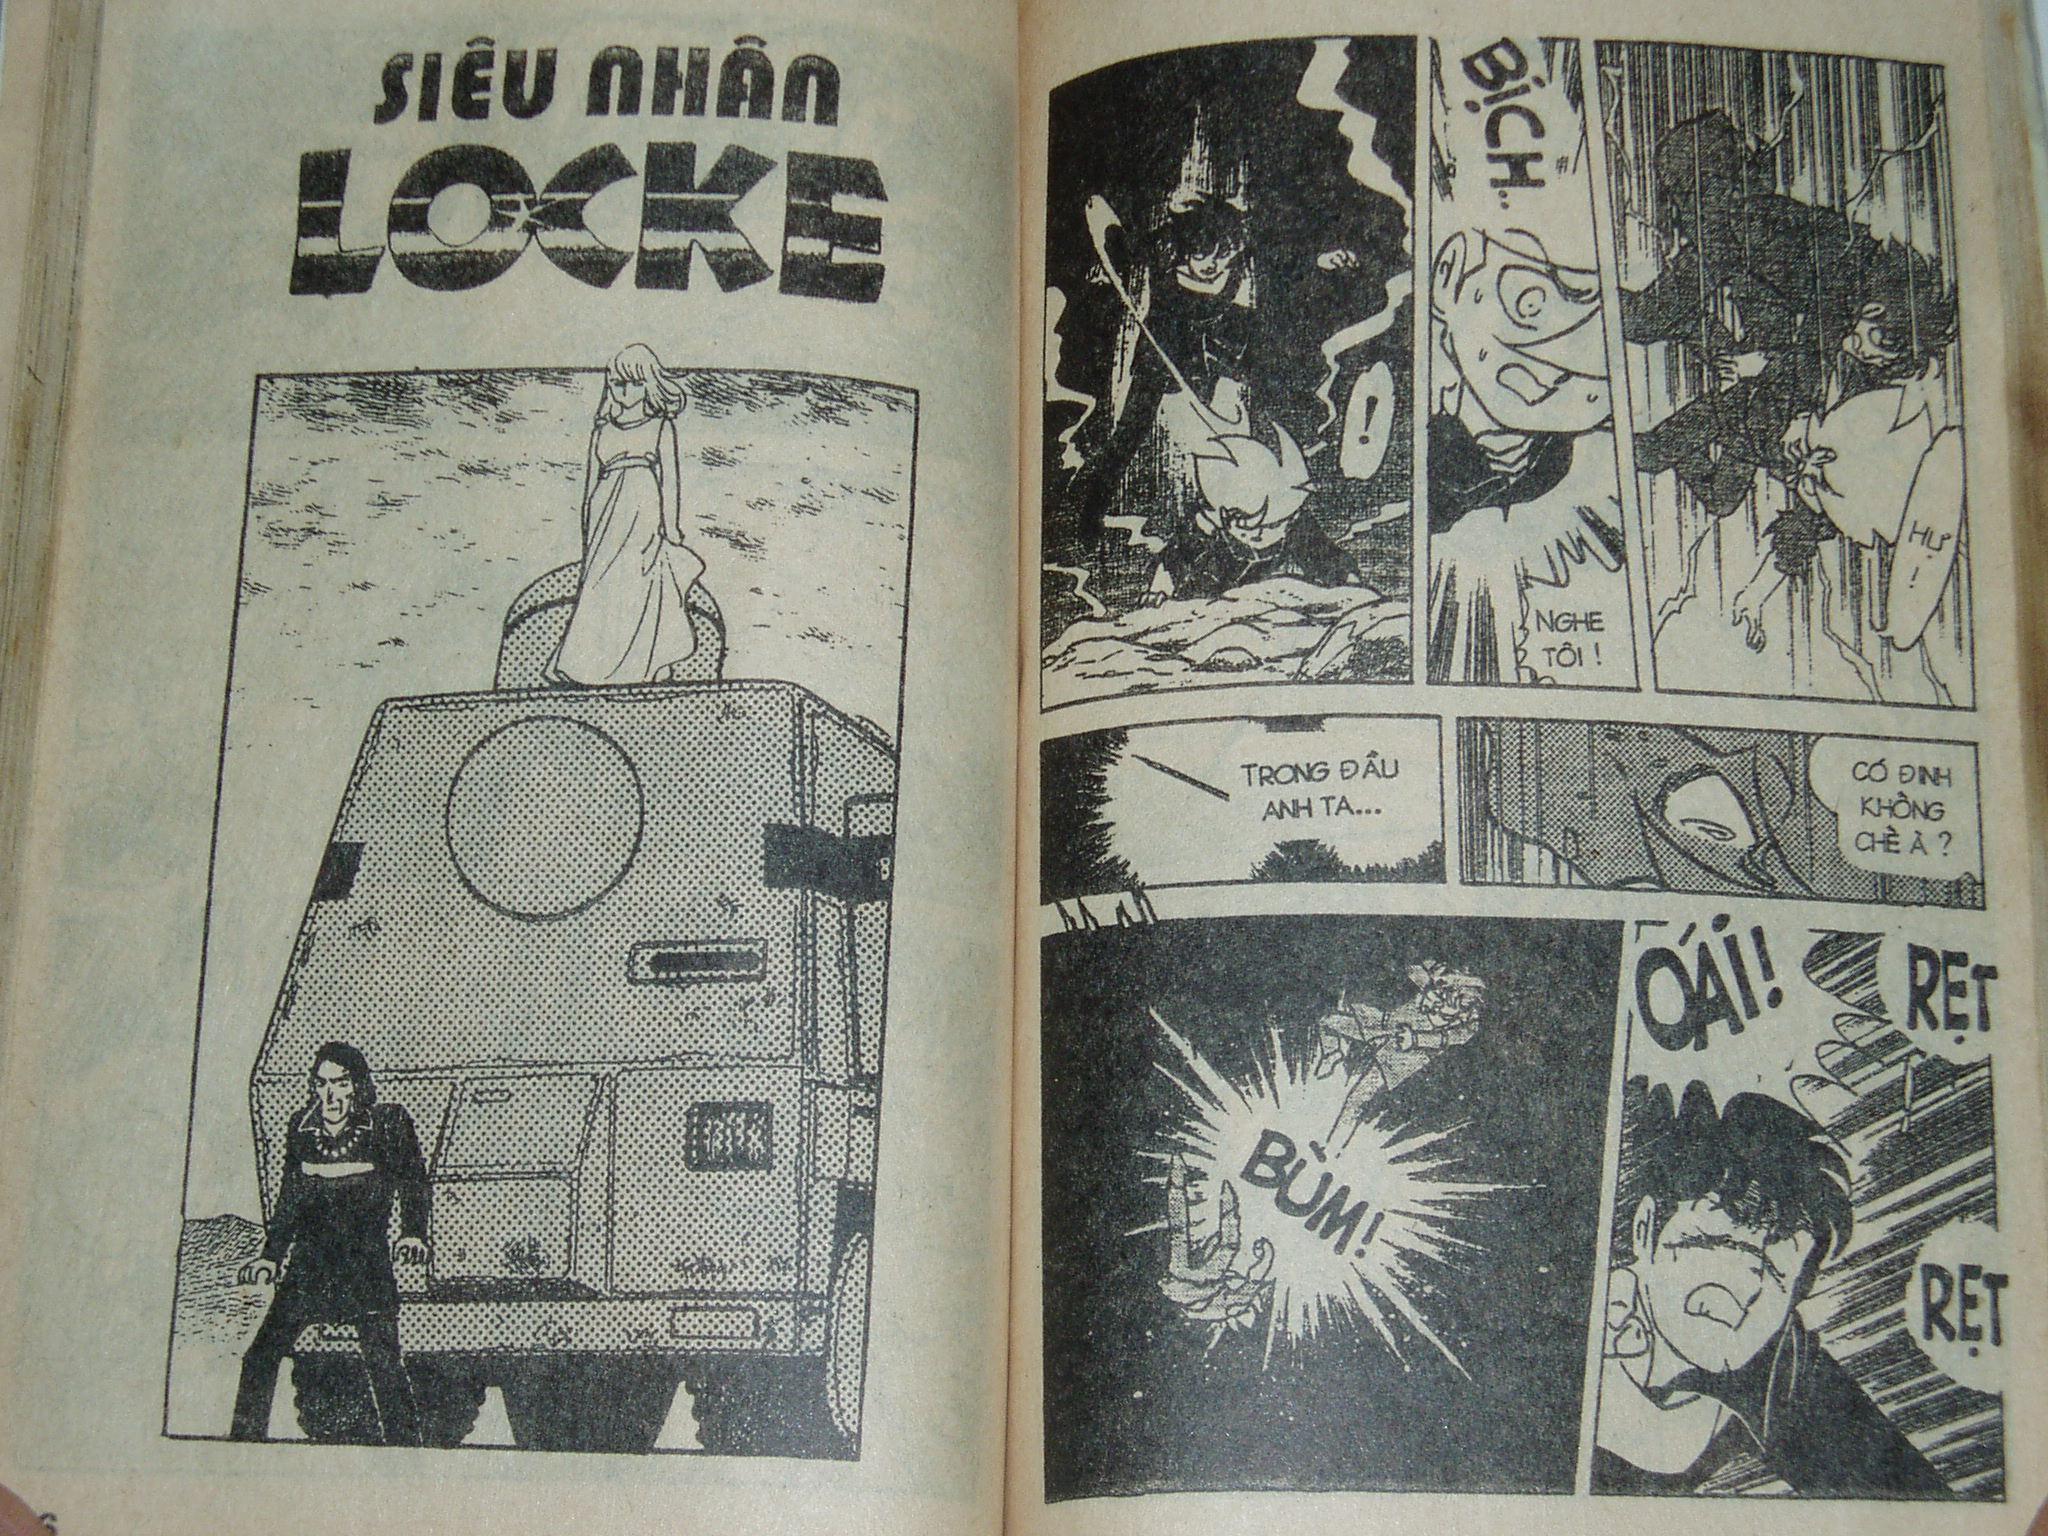 Siêu nhân Locke vol 18 trang 47